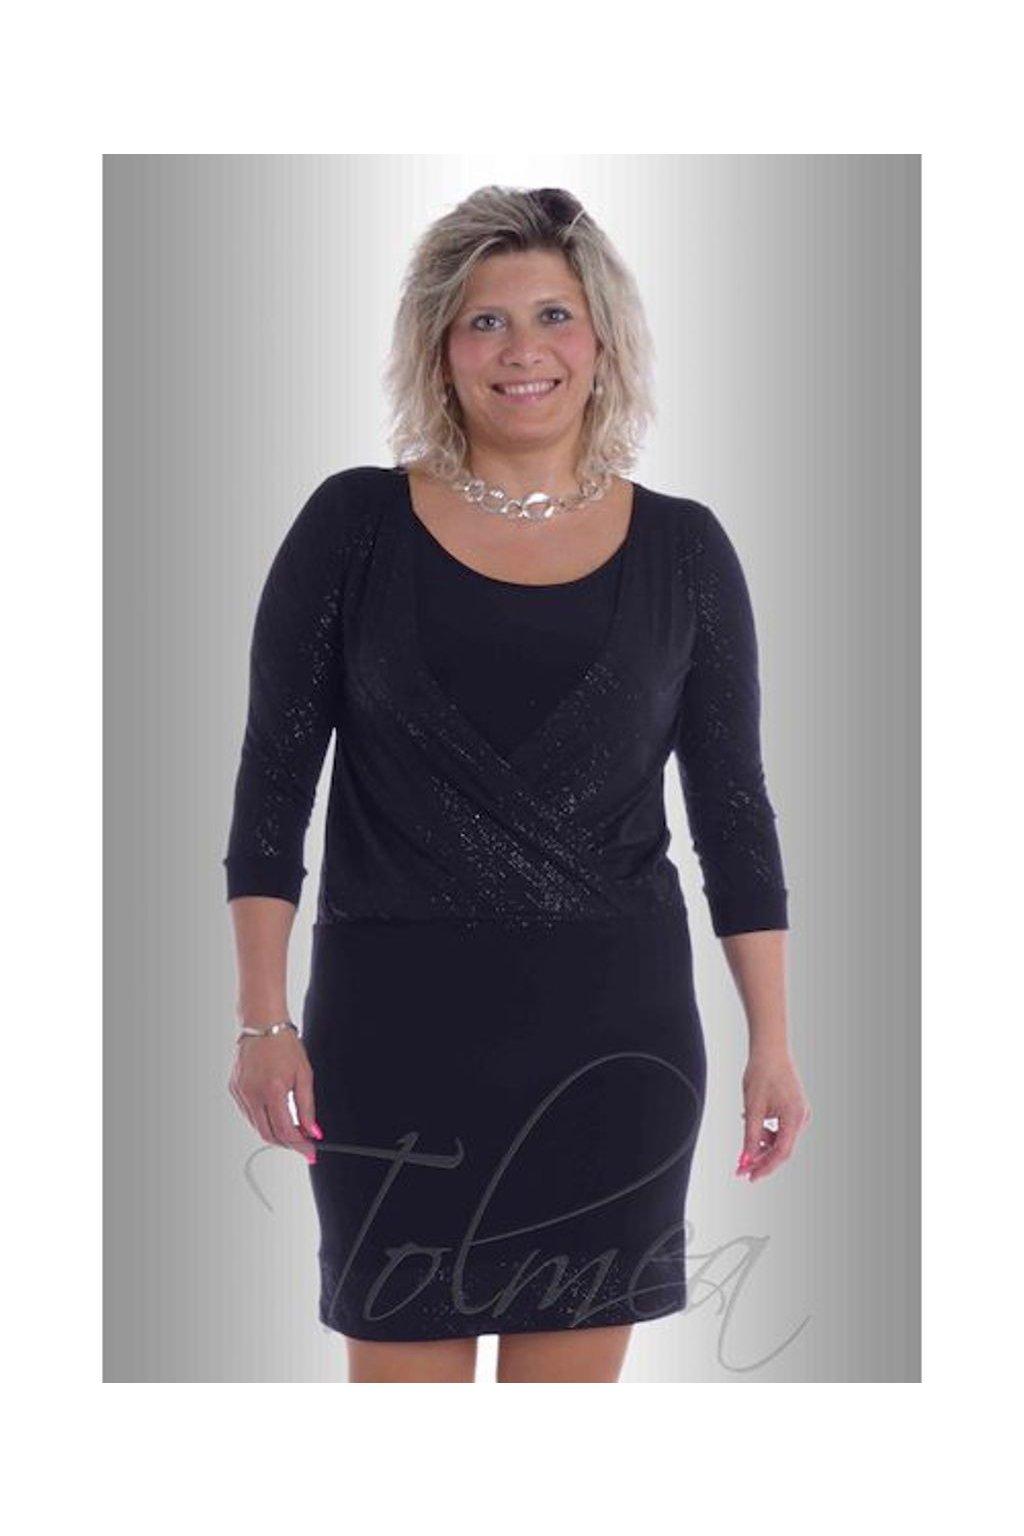 Šaty společenské překřížené 8617 (Velikost 38, Barva Černá)